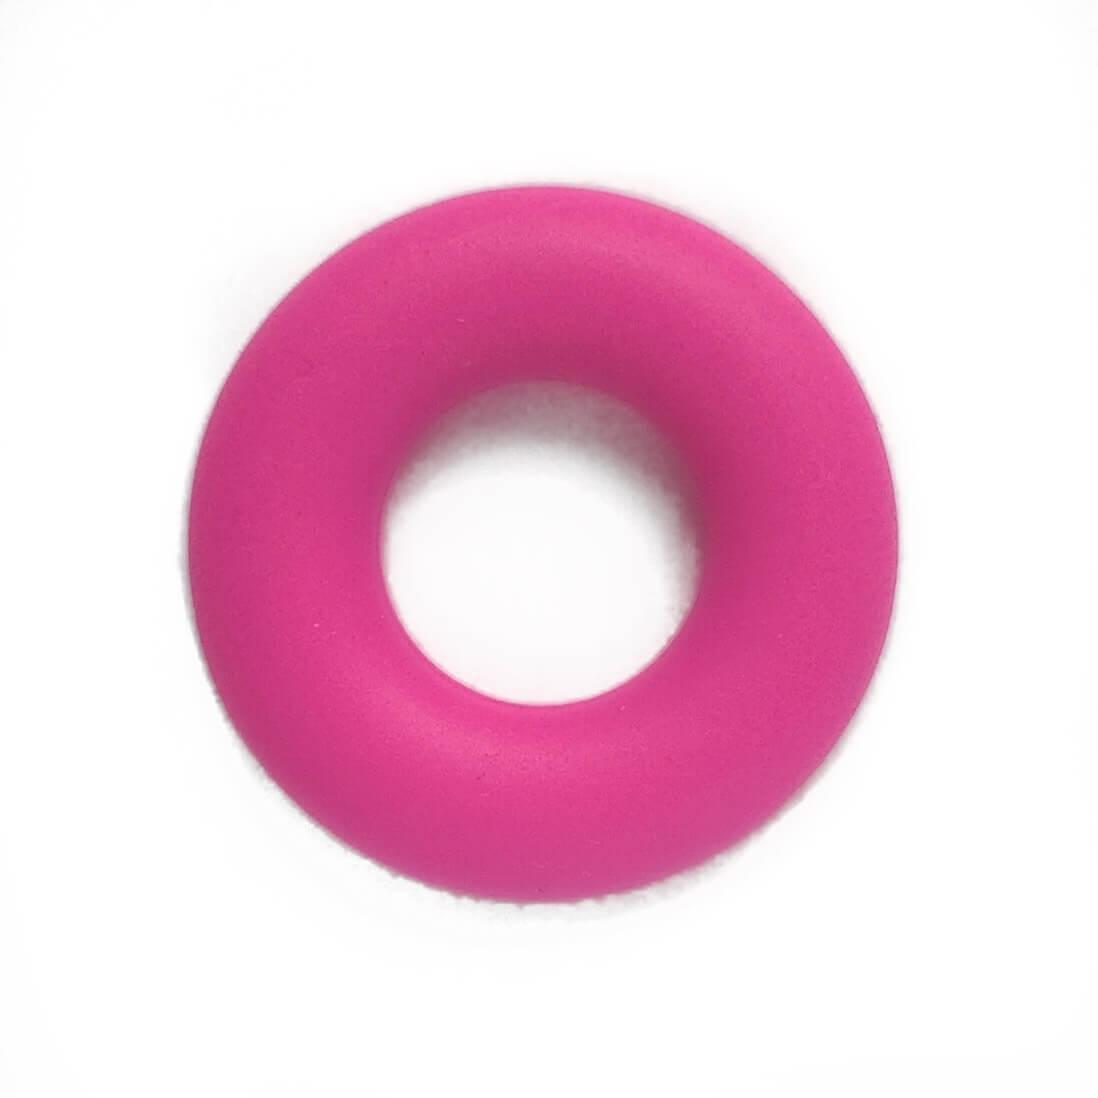 Колечко бублик (малина) 43мм, бусины из пищевого силикона